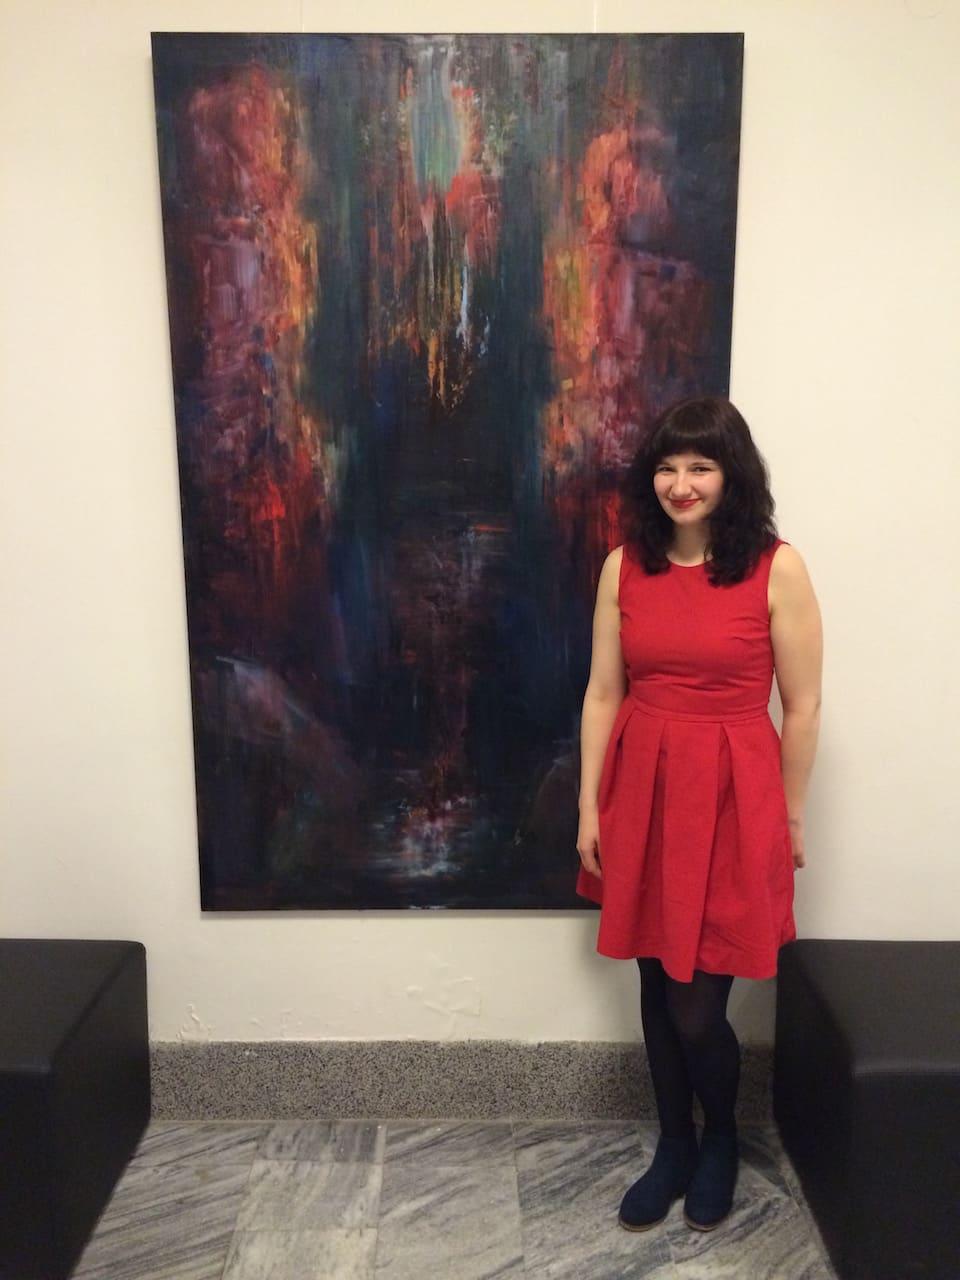 Kristyna Sraierova